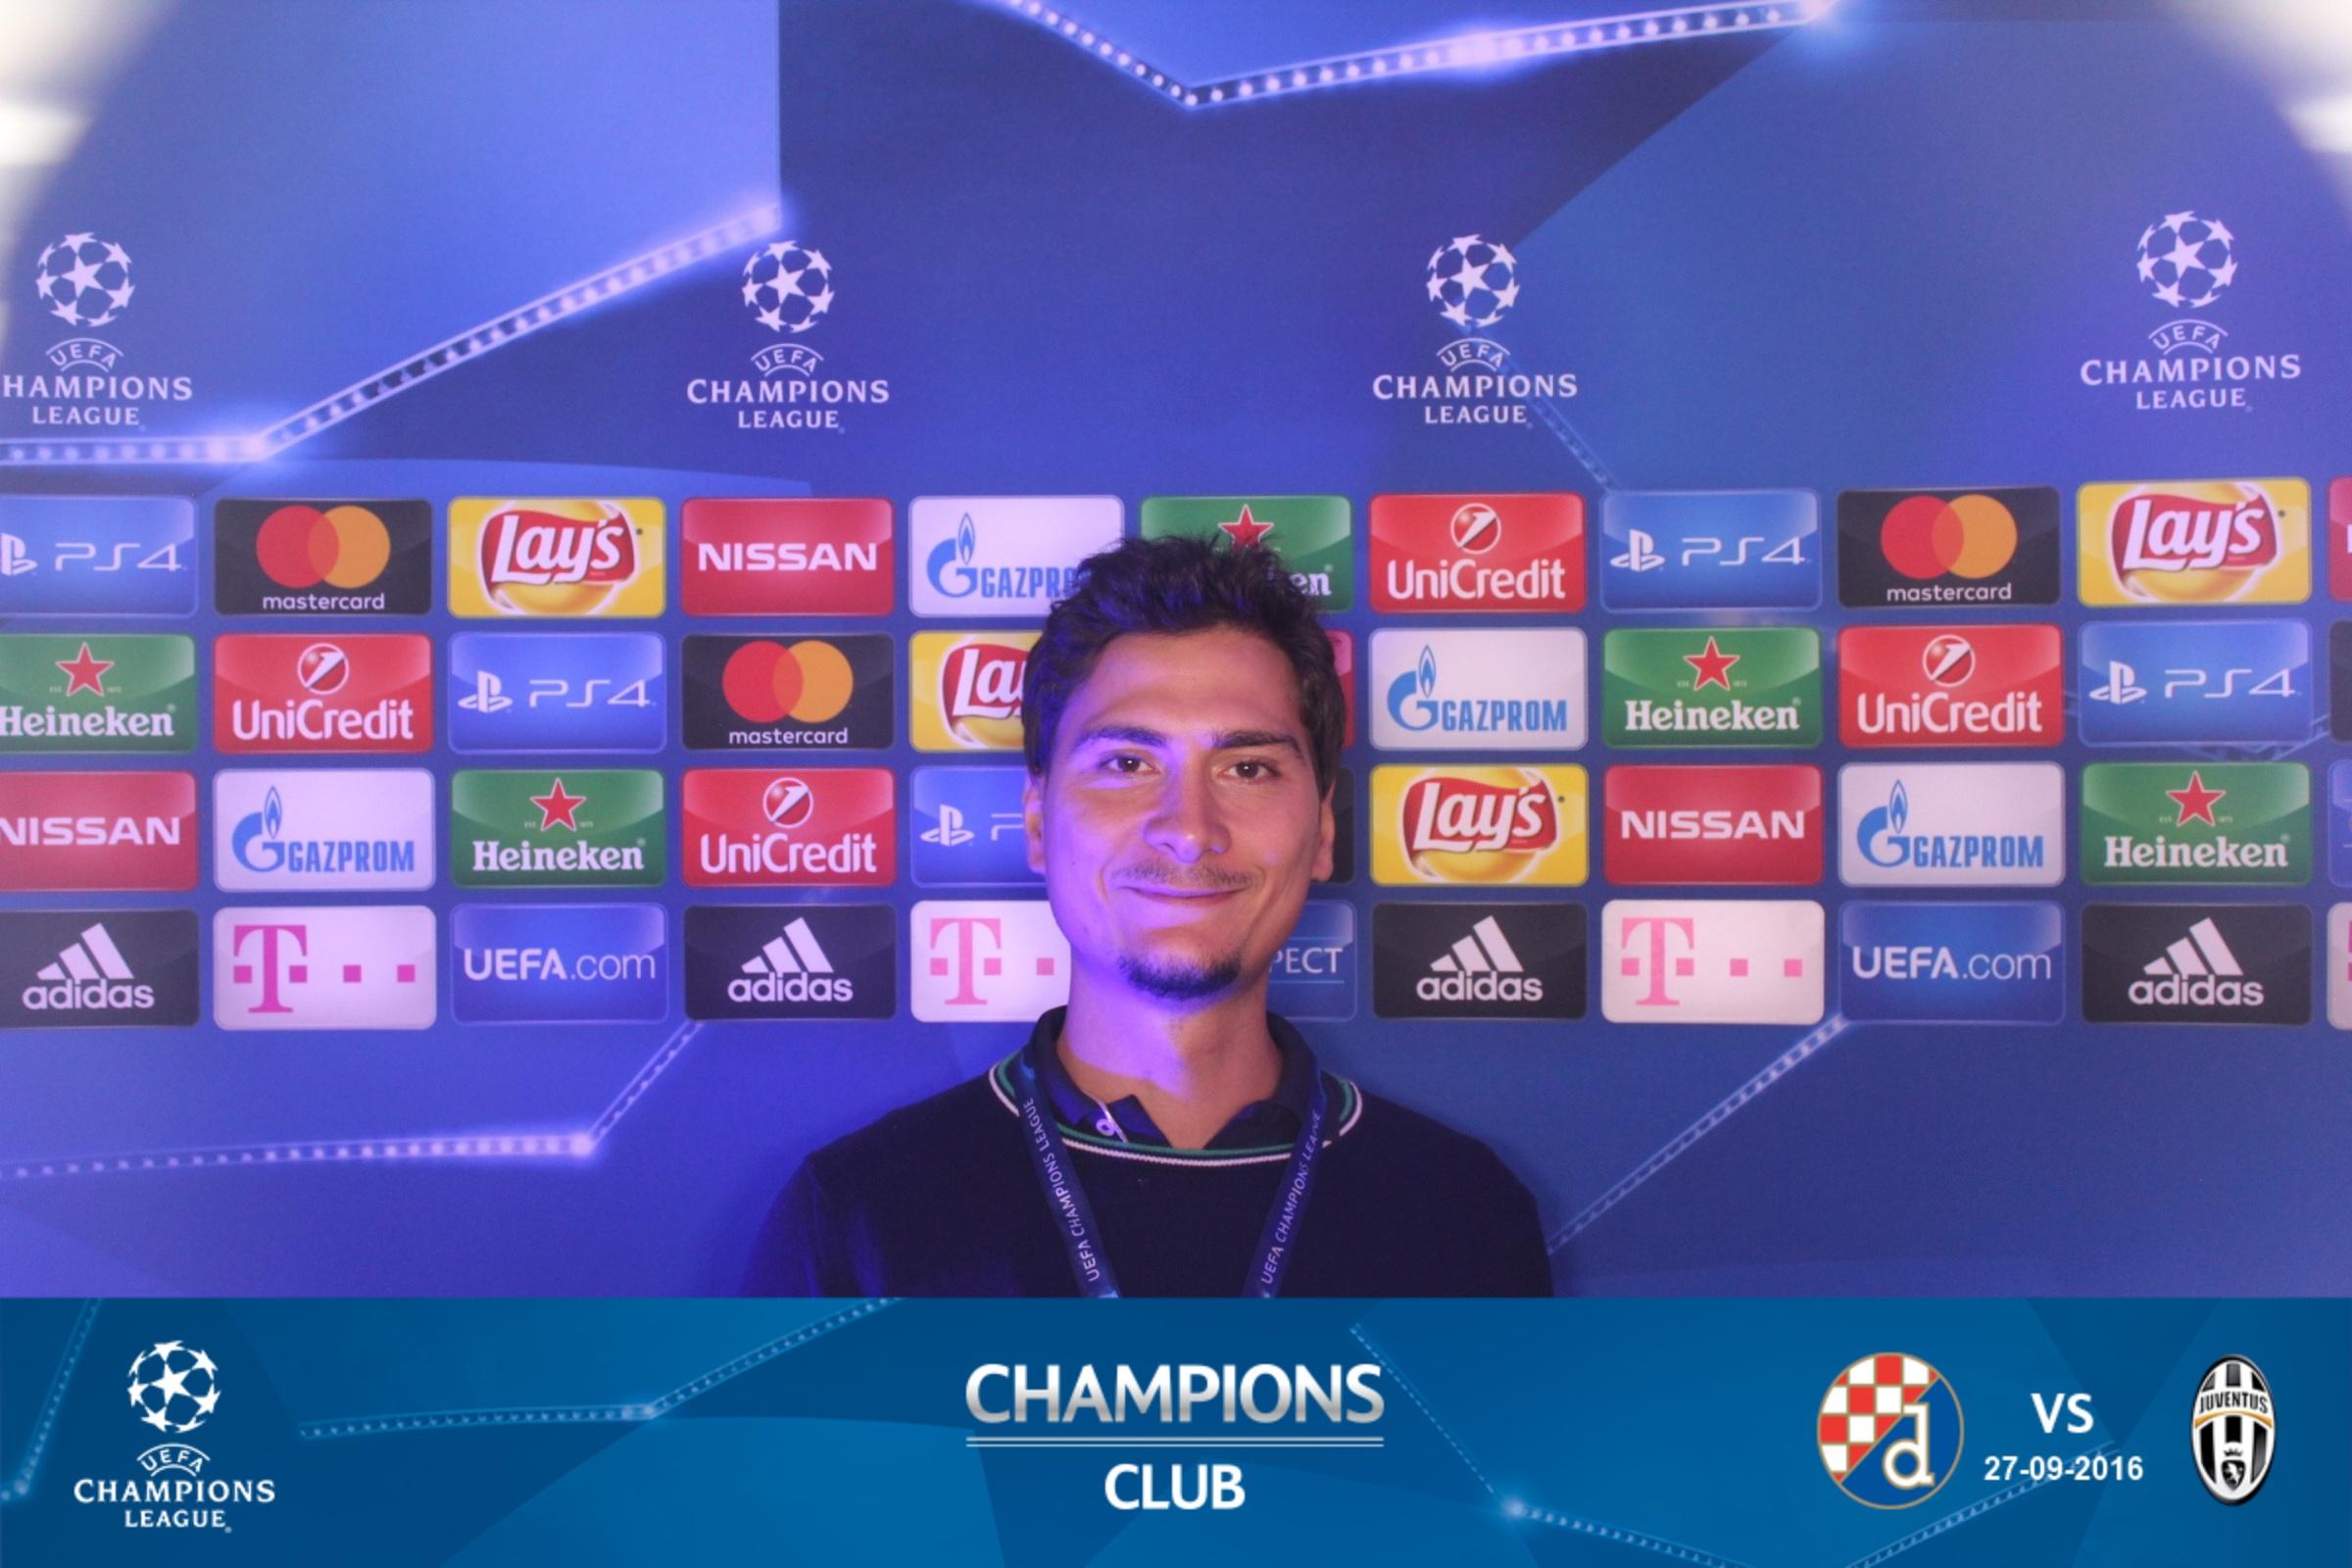 civippo_champions